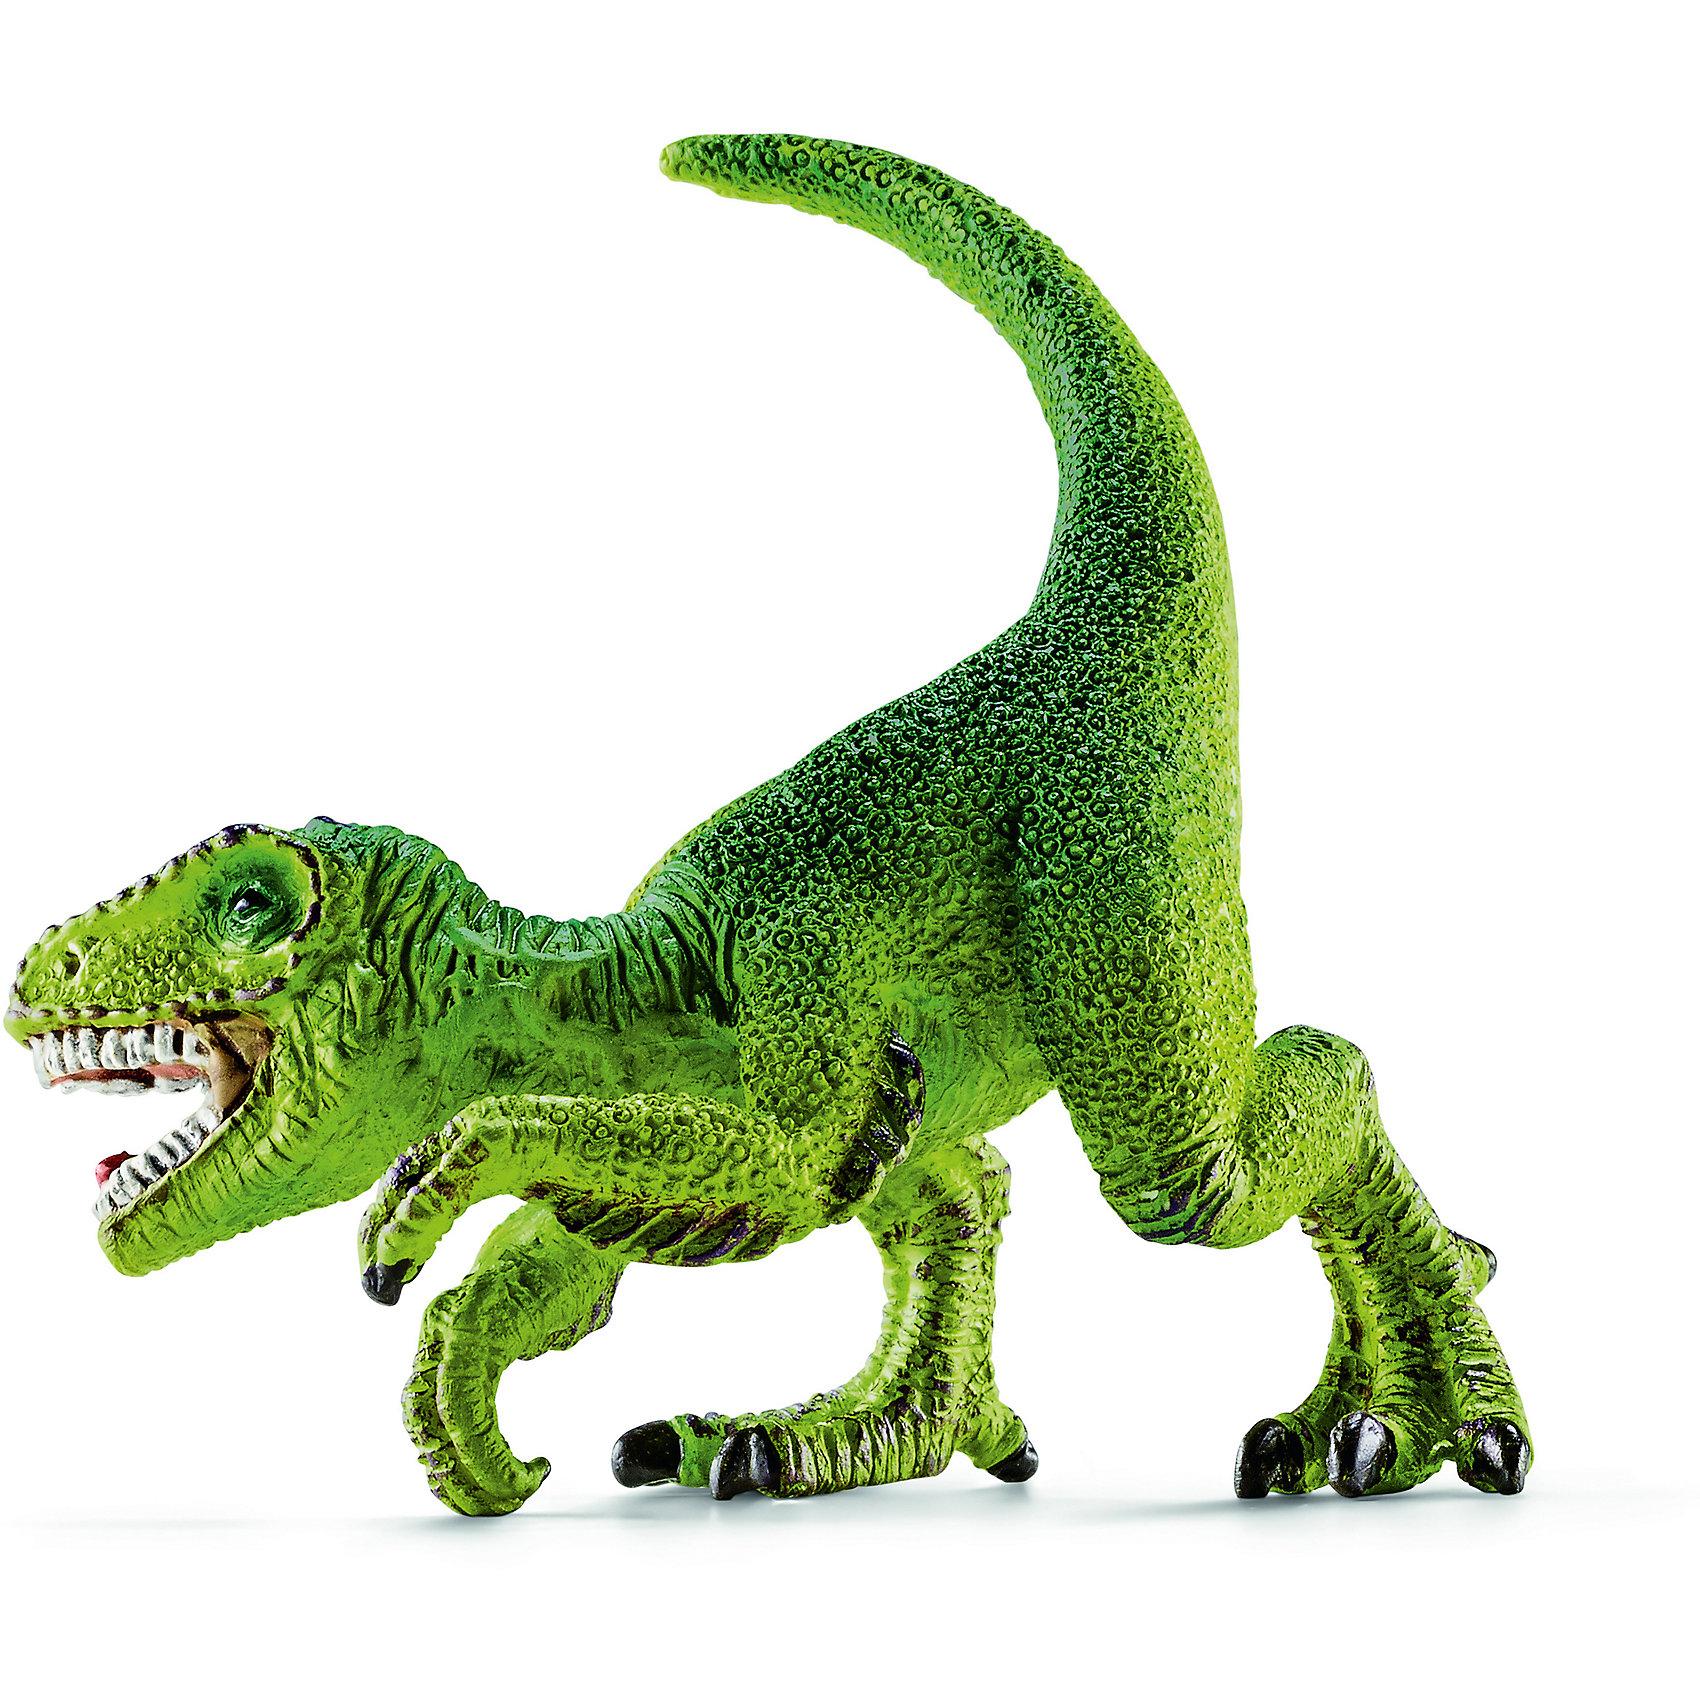 Велоцираптор, мини, SchleichДраконы и динозавры<br>Древний динозавр Велоцираптор, проживающий на земле много миллионов лет назад, представлен немецкой компанией Schleich (Шляйх) в виде стоящего на задних лапах динозавра яркого зеленого цвета. Велоцираптор отличается от своих сородичей длинным хвостом, мощными лапами и огромными острыми зубами, которые помогают ему находить пищу и сражаться с врагами.<br><br>Игрушка динозавра выполнена из качественного каучукового пластика, который безопасен для детей и не вызывает аллергию. <br><br>Дополнительная информация:<br><br>Материал: каучуковый пластик<br>Размер игрушки: 5 x 4.8 x 4 см<br><br>Велоцираптора, мини, Schleich (Шляйх) можно купить в нашем магазине.<br><br>Ширина мм: 93<br>Глубина мм: 71<br>Высота мм: 30<br>Вес г: 12<br>Возраст от месяцев: 36<br>Возраст до месяцев: 96<br>Пол: Мужской<br>Возраст: Детский<br>SKU: 3902516